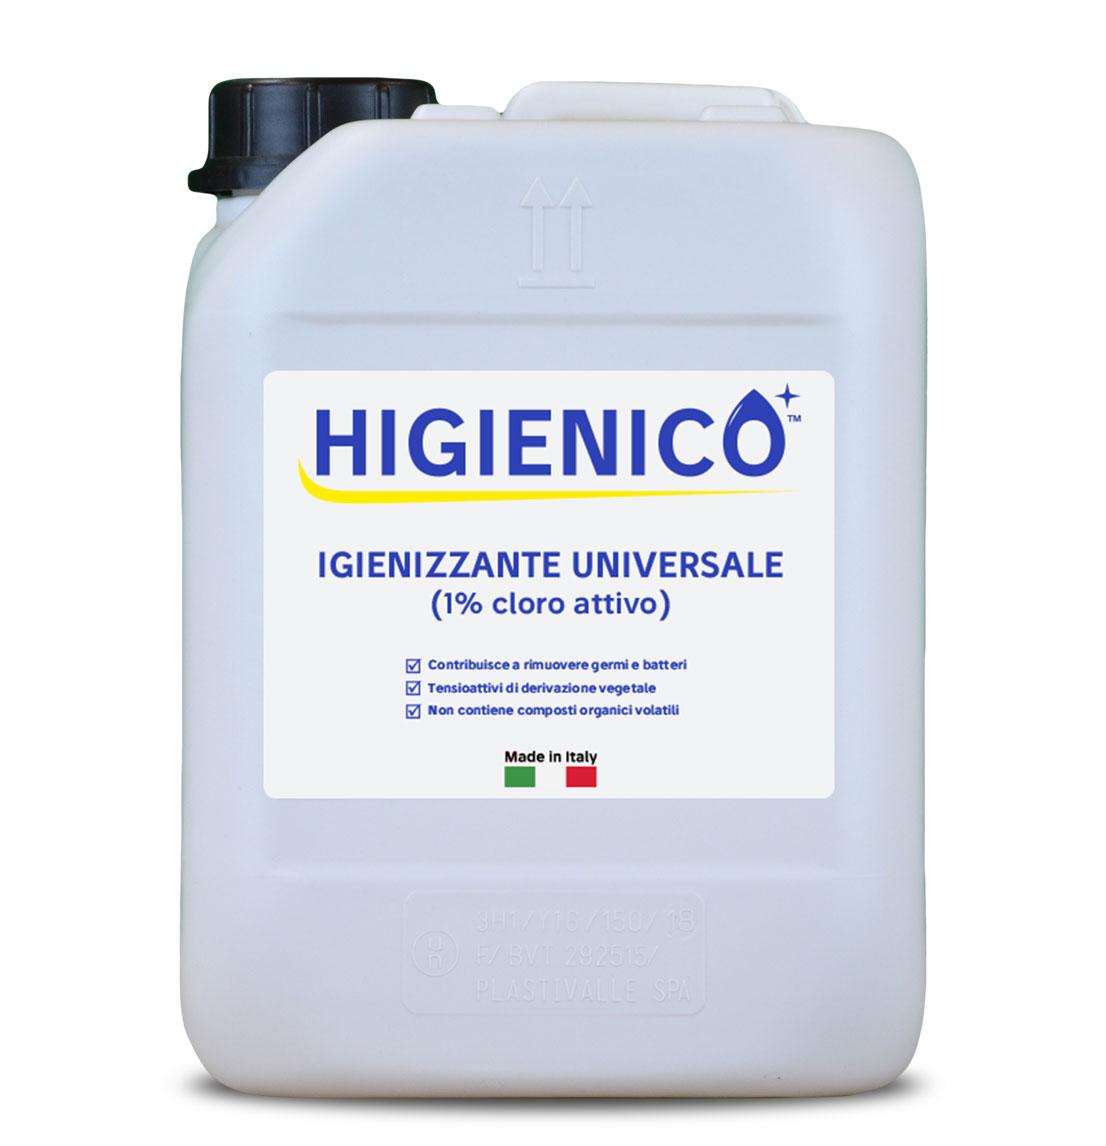 Higienico detergente igienizzante universale all'1% di cloro attivo